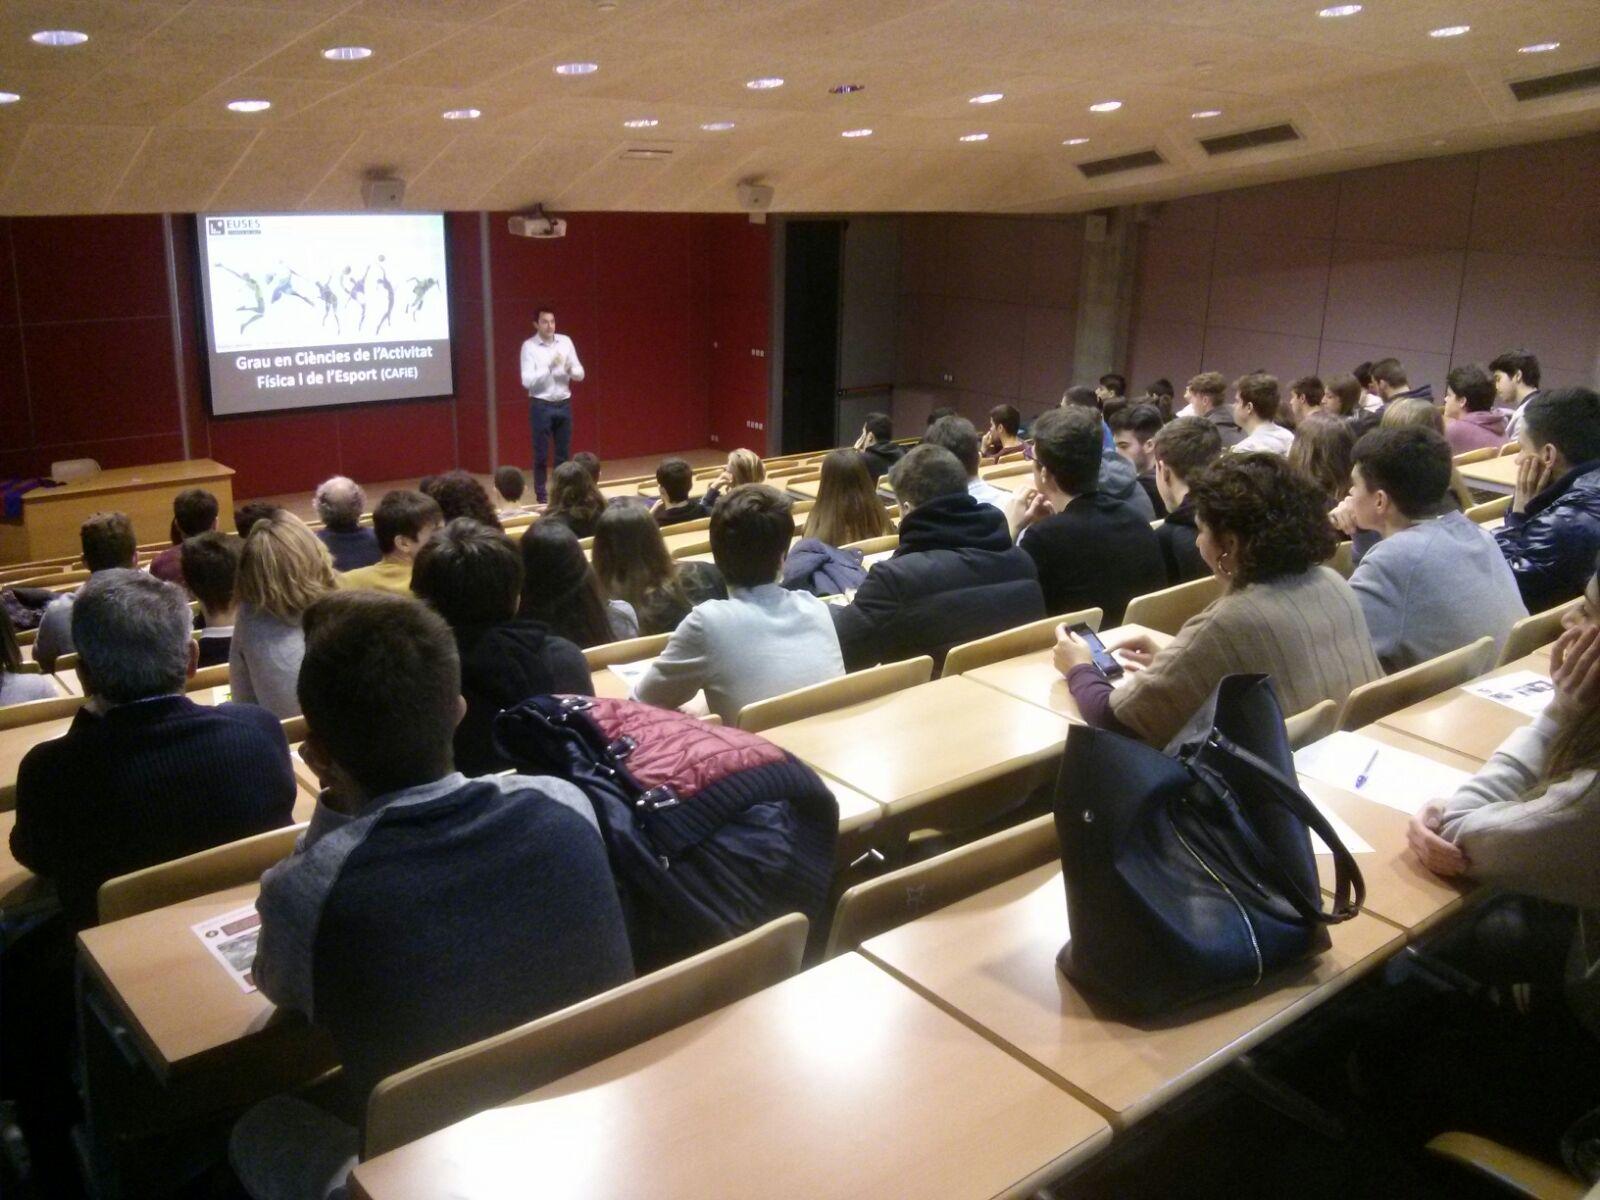 L'Escola Universitària de la Salut i l'Esport obre les portes del Campus de Salt per informar sobre els graus en CAFE i Fisioteràpia als estudiants